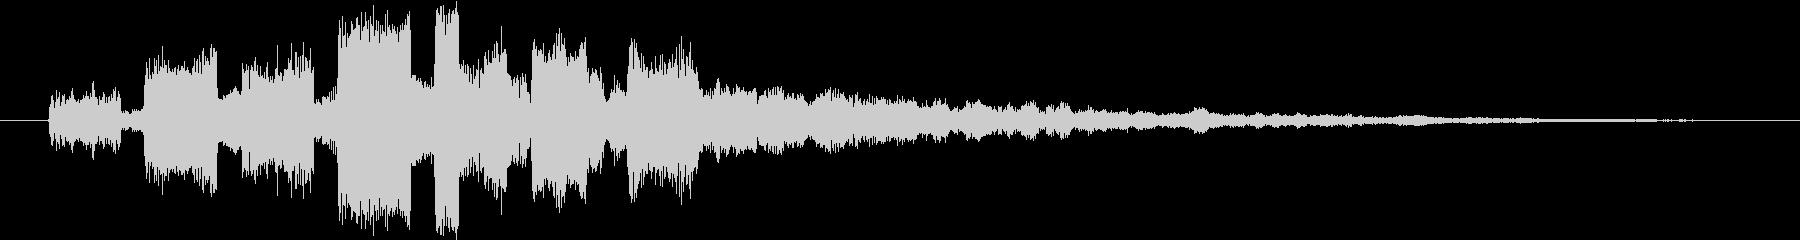 洗練されたYouTubeのタイトル用SEの未再生の波形